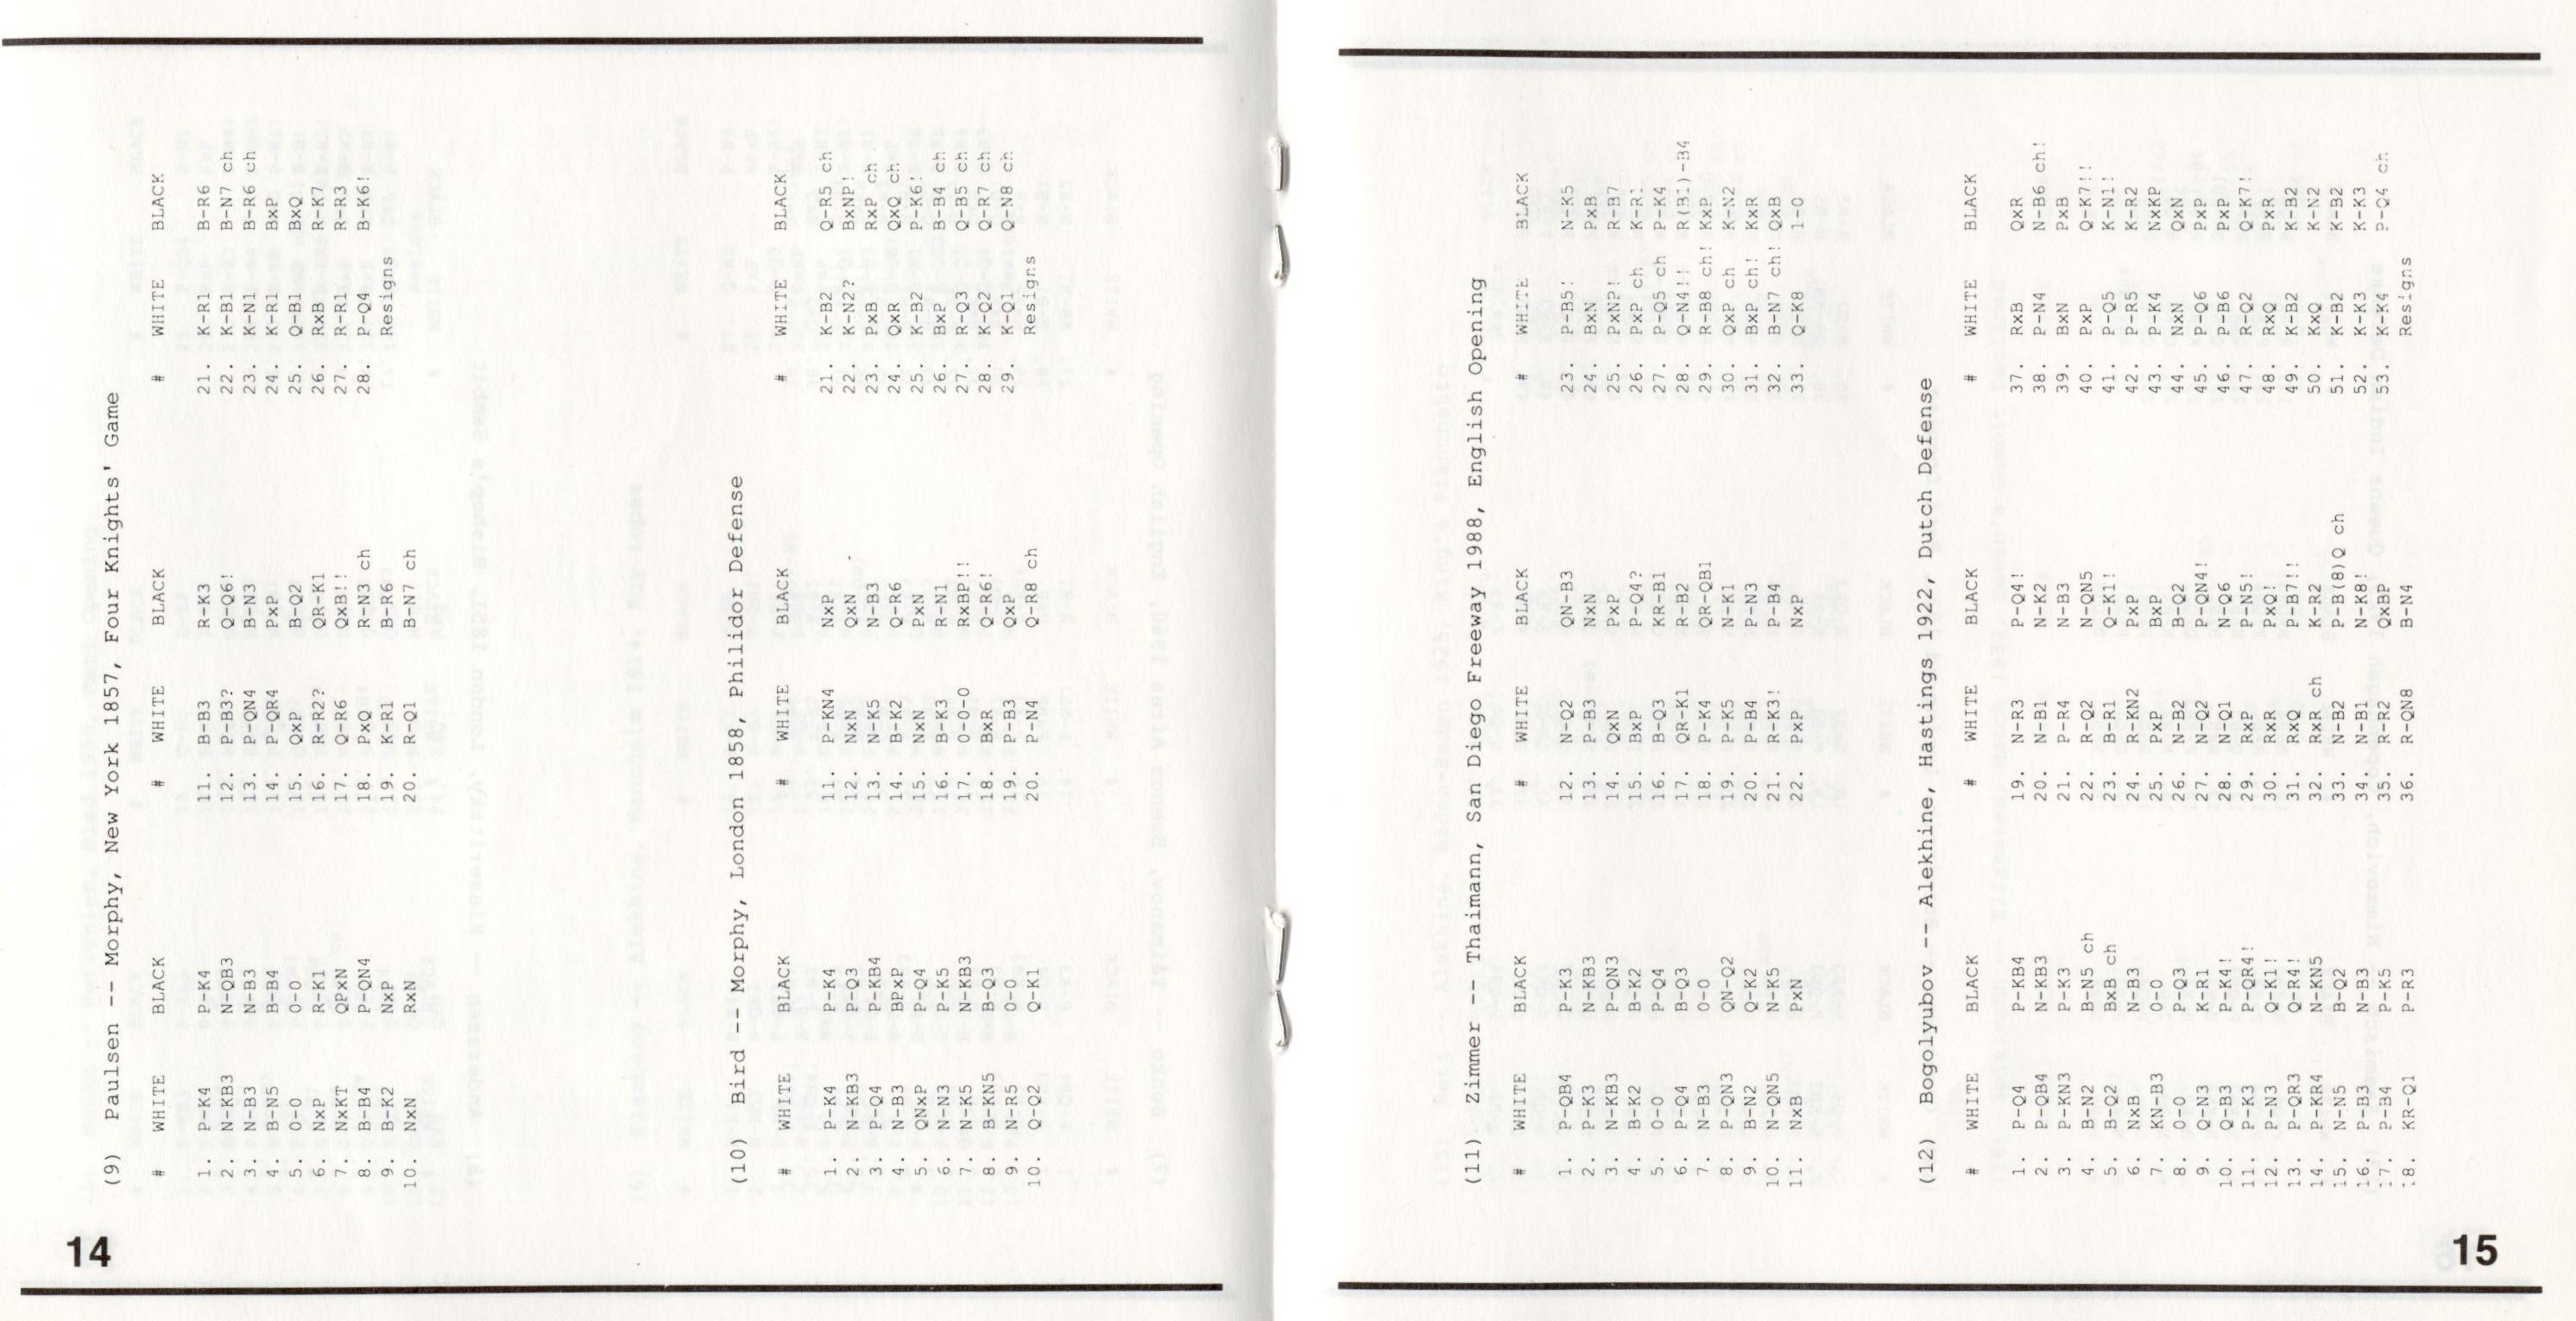 SFODB - The SixtyFour Originals DataBase